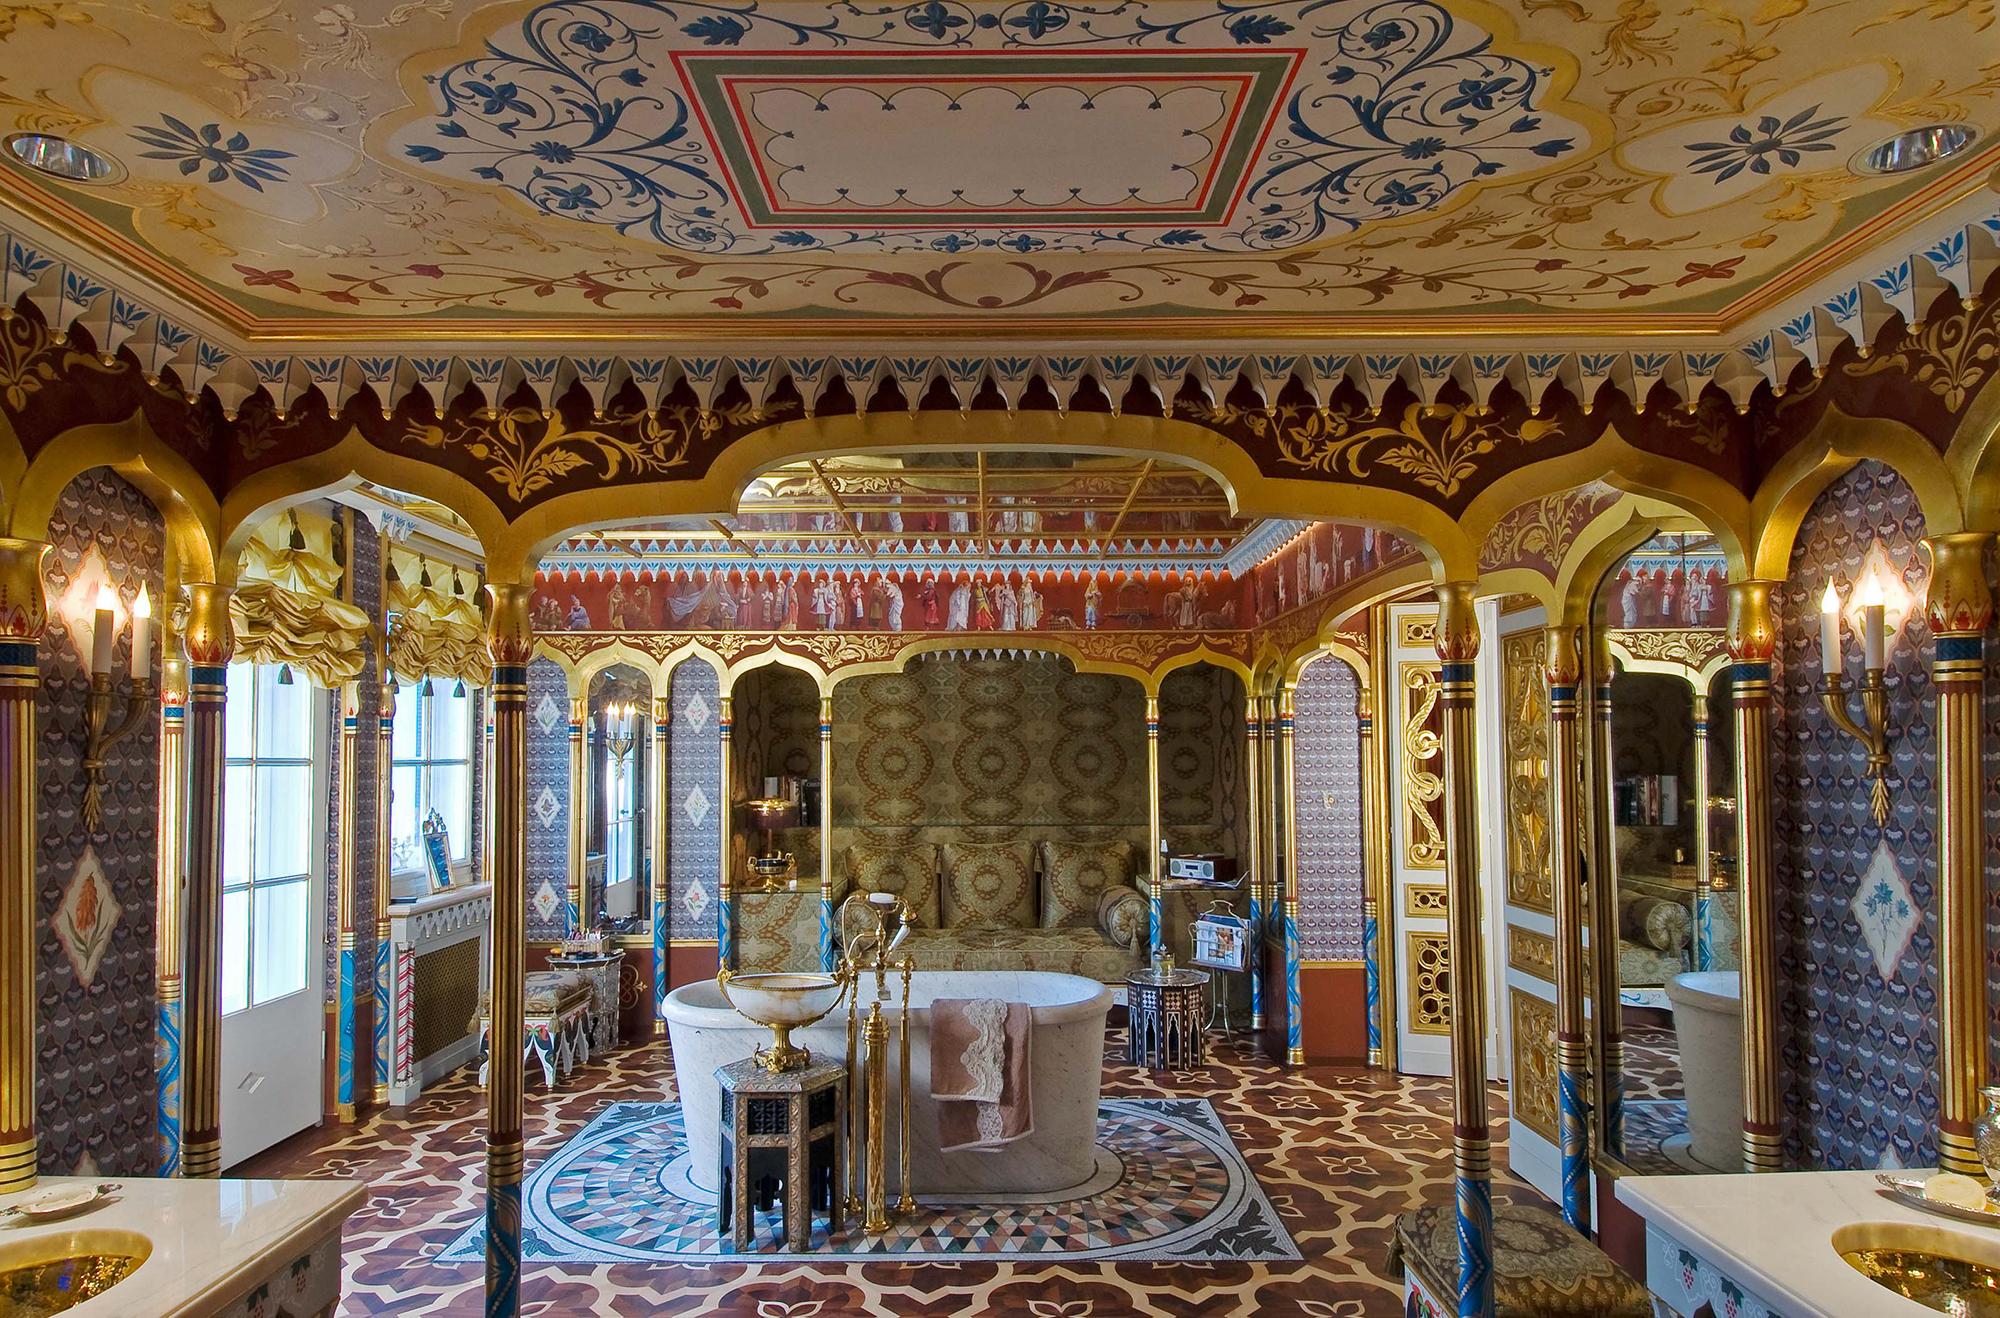 Somptueux décor de salle de bain orientalisante